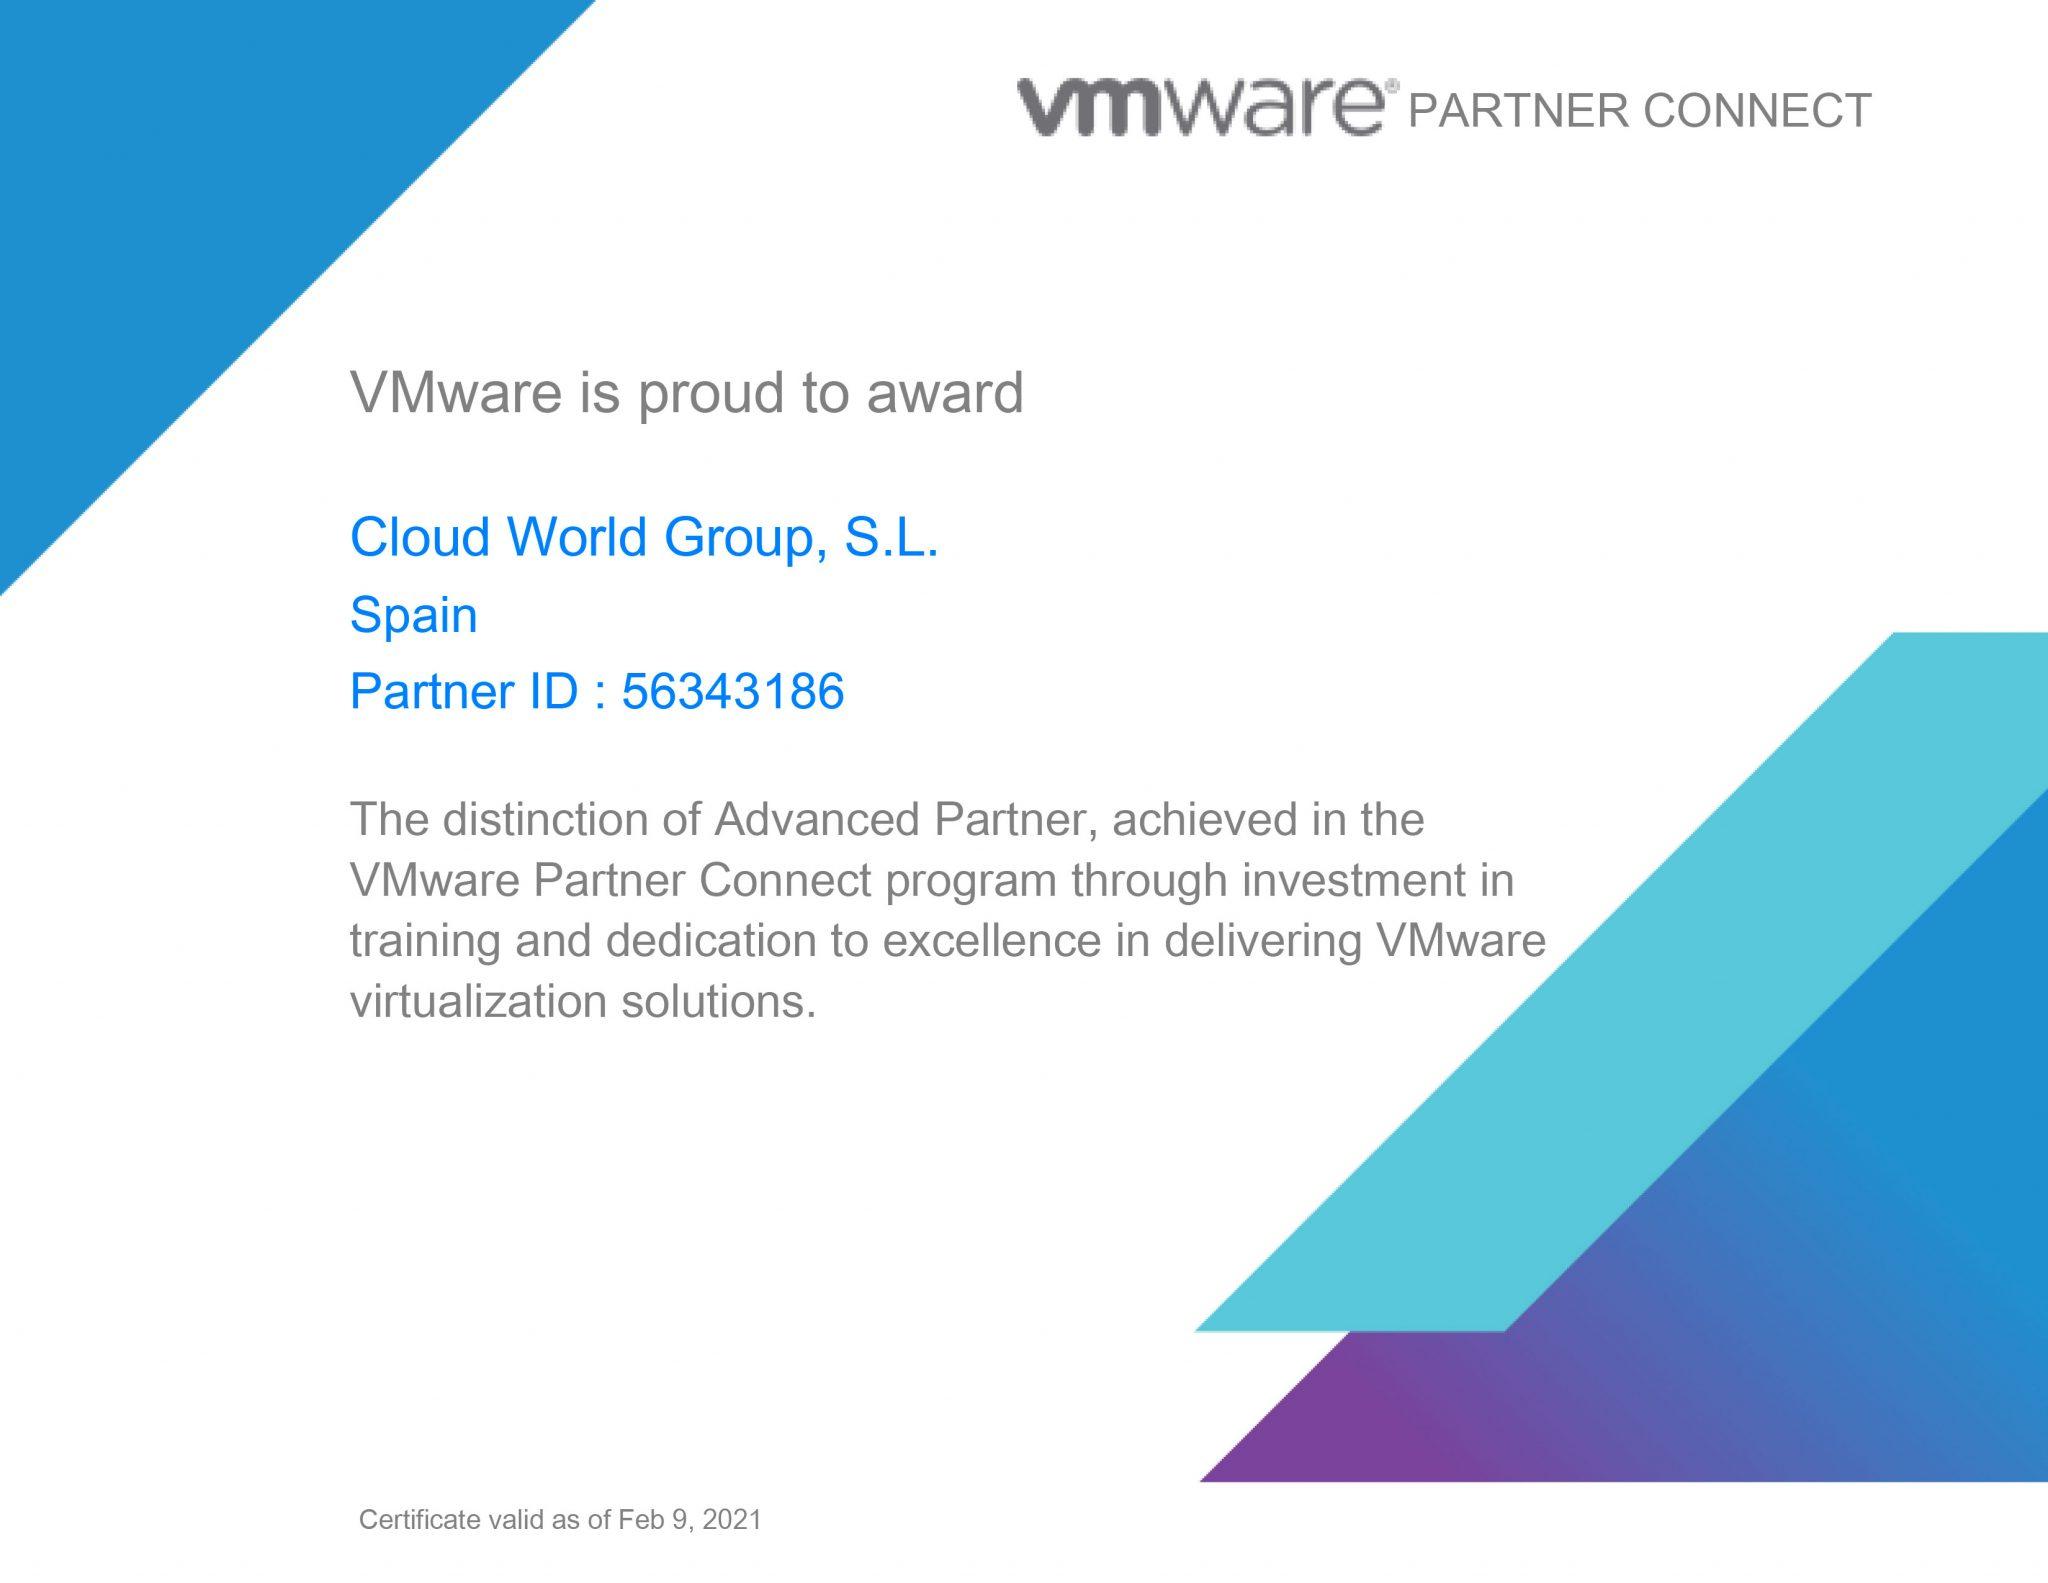 vmware certificado